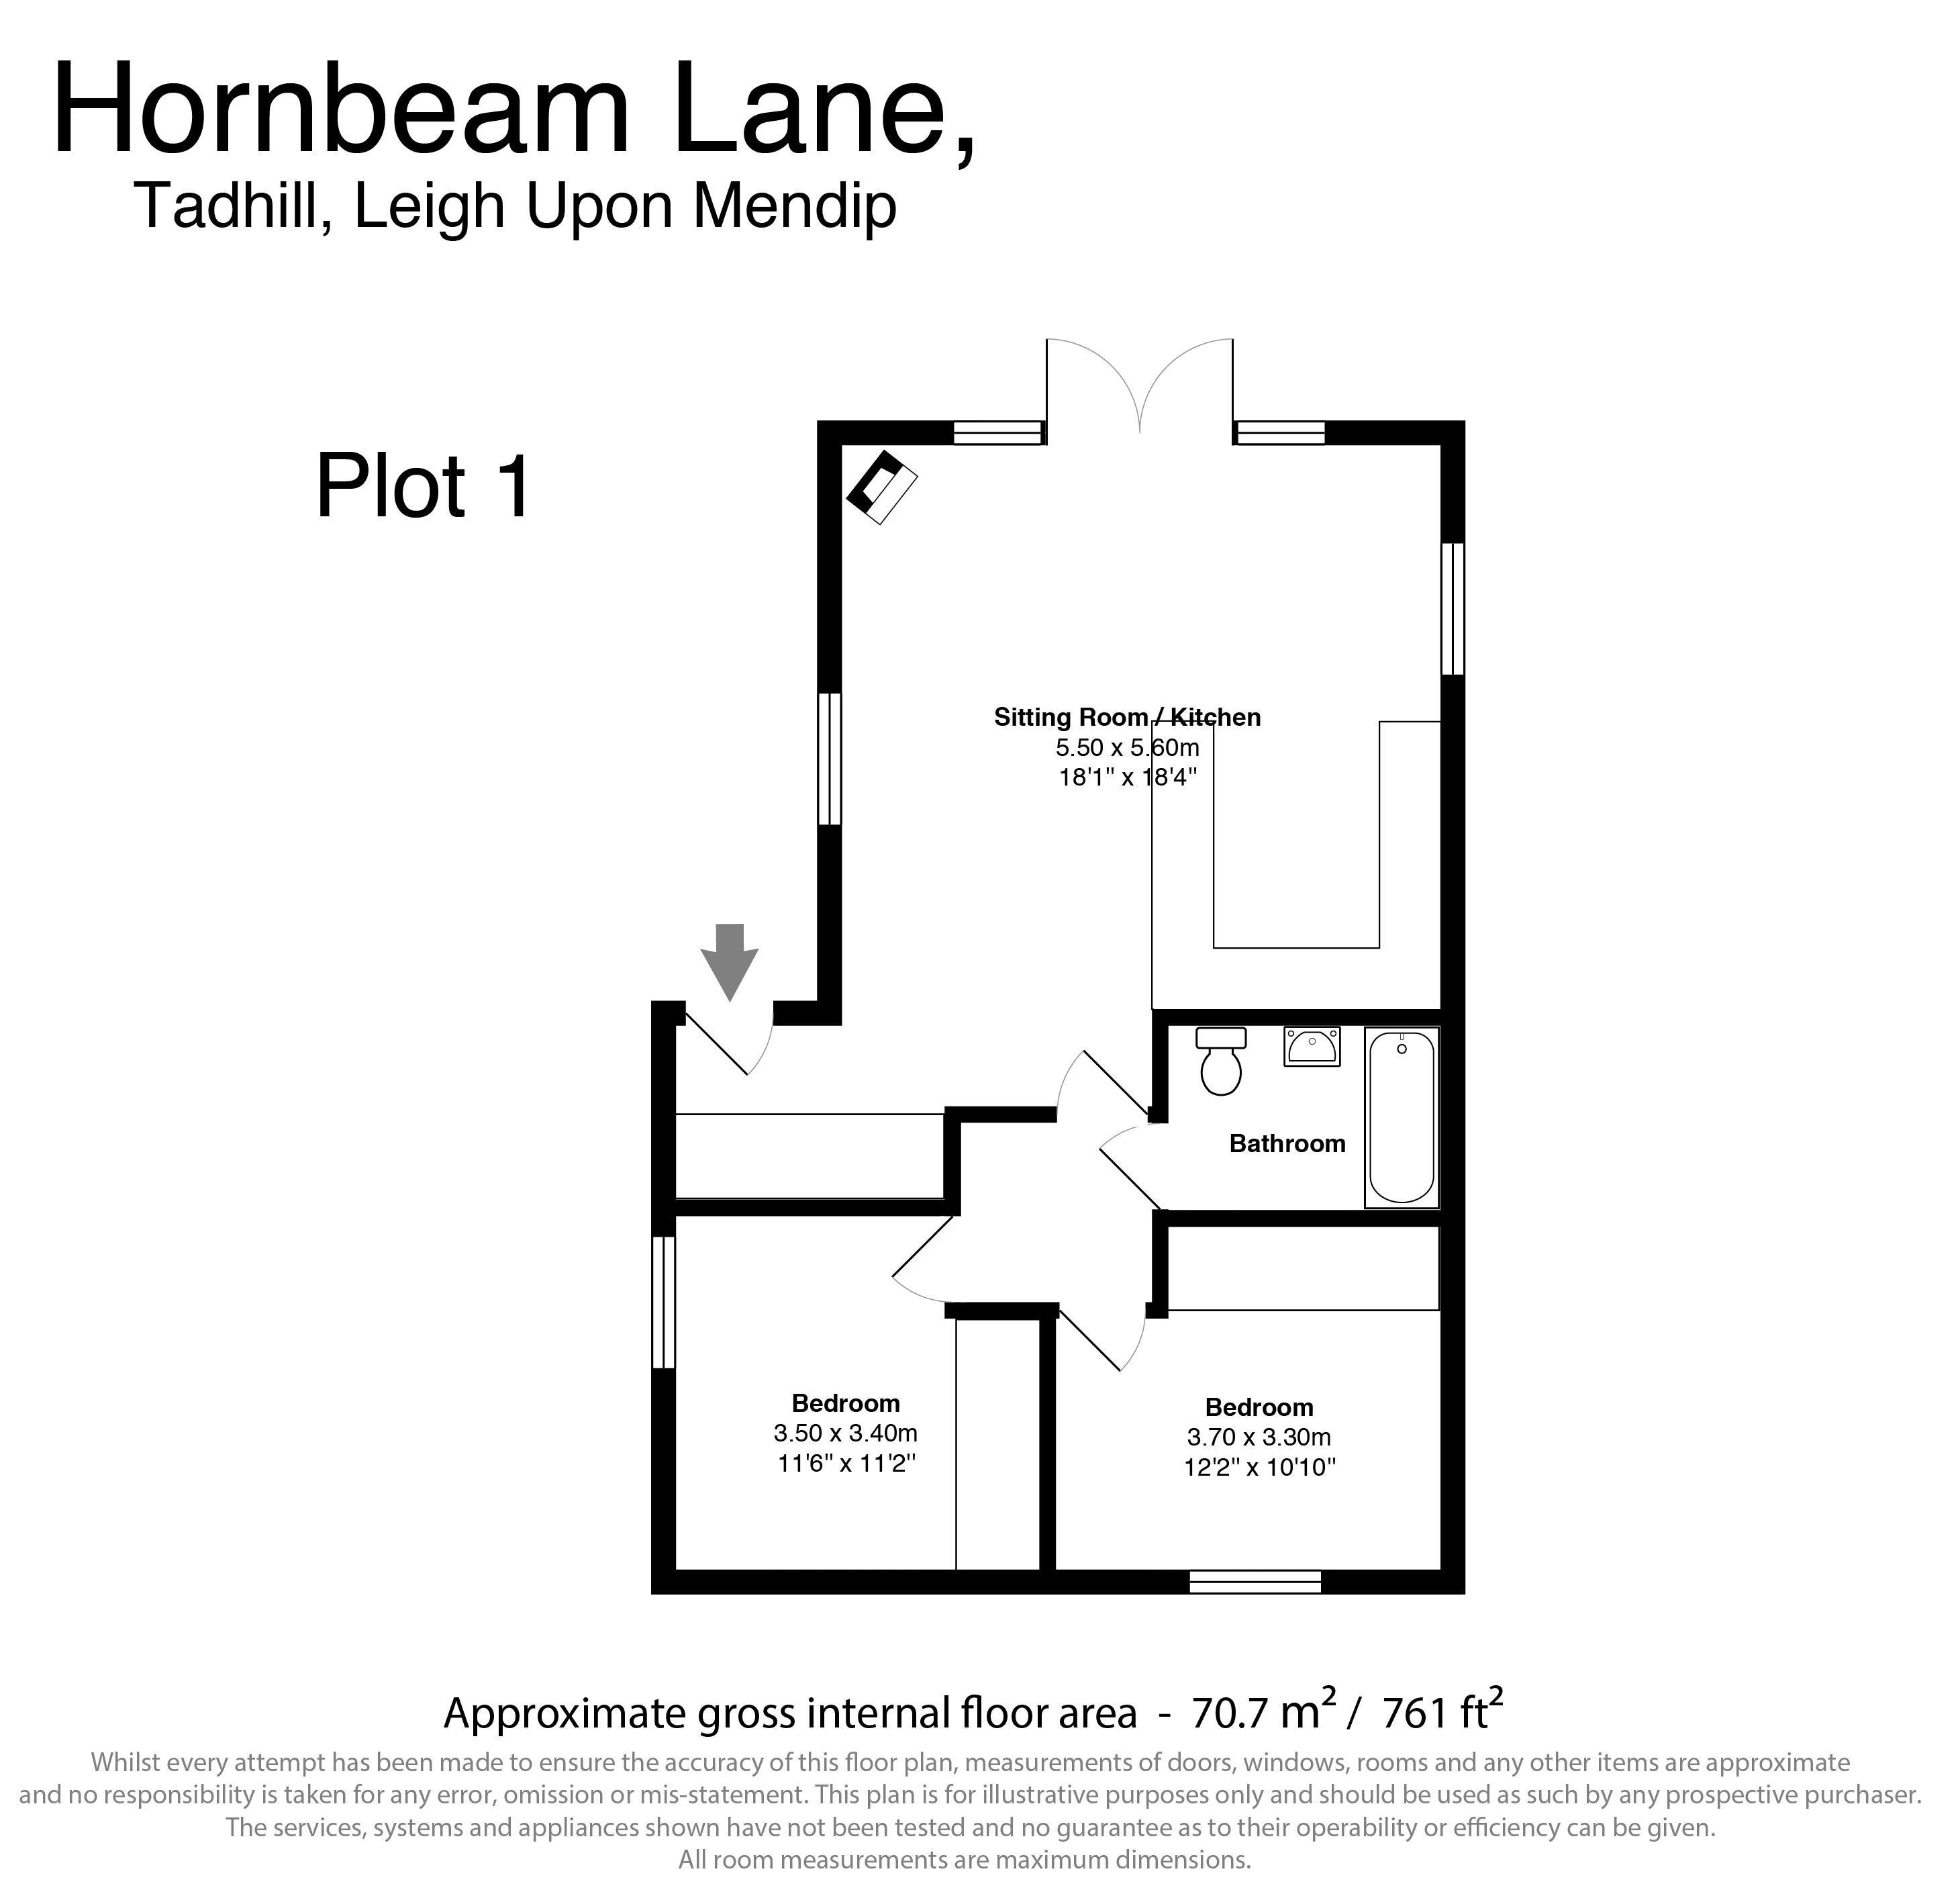 Hornbeam Lane